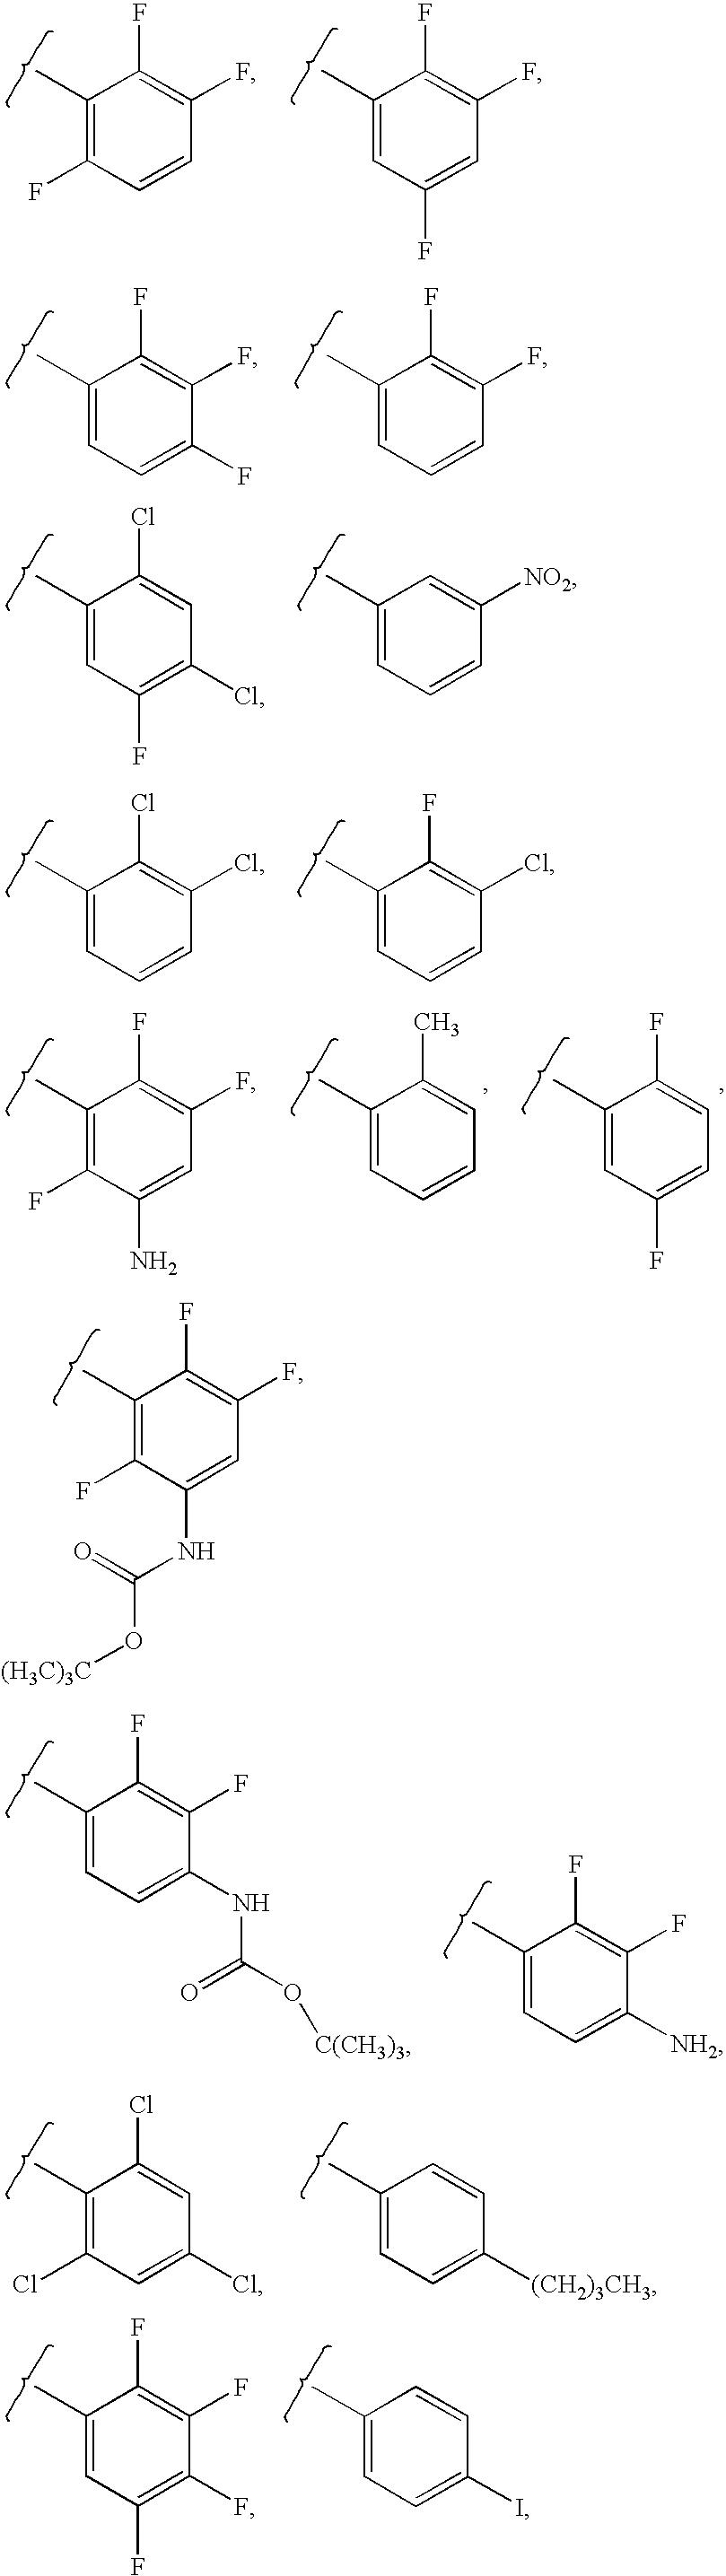 Figure US07709518-20100504-C00026